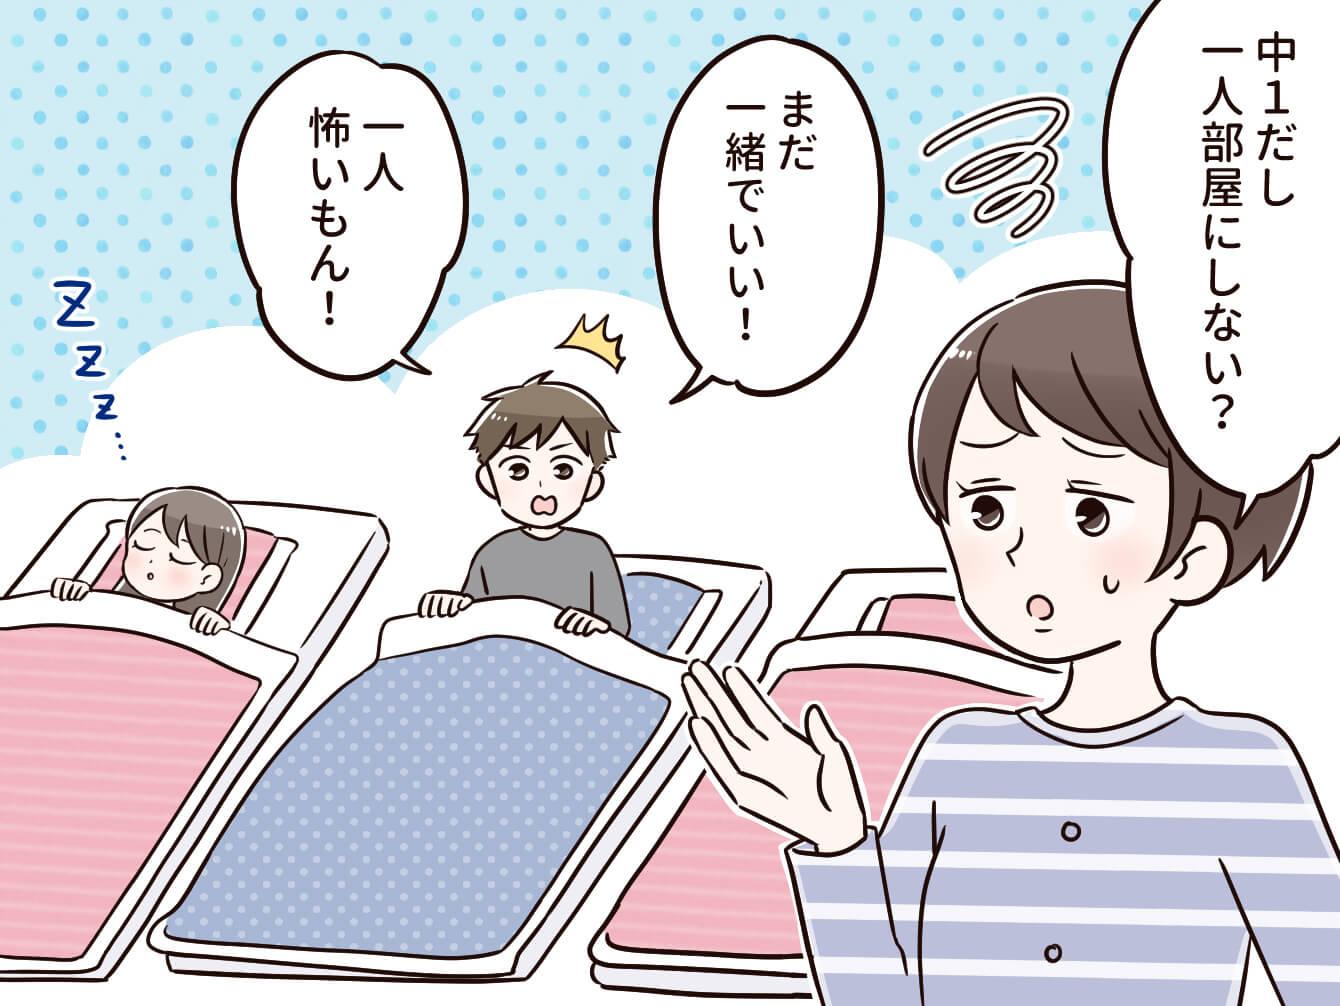 《お悩み》息子よ、いつまで一緒に寝るの?